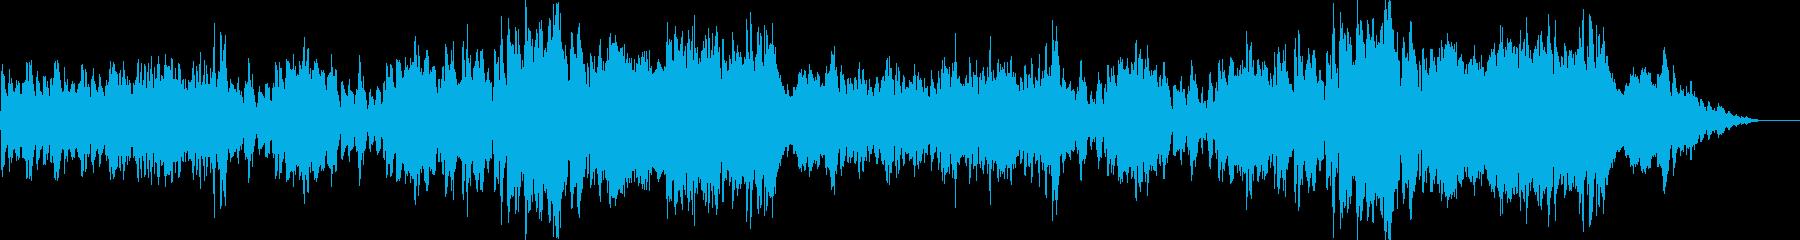 重々しいオーケストラ楽曲の再生済みの波形